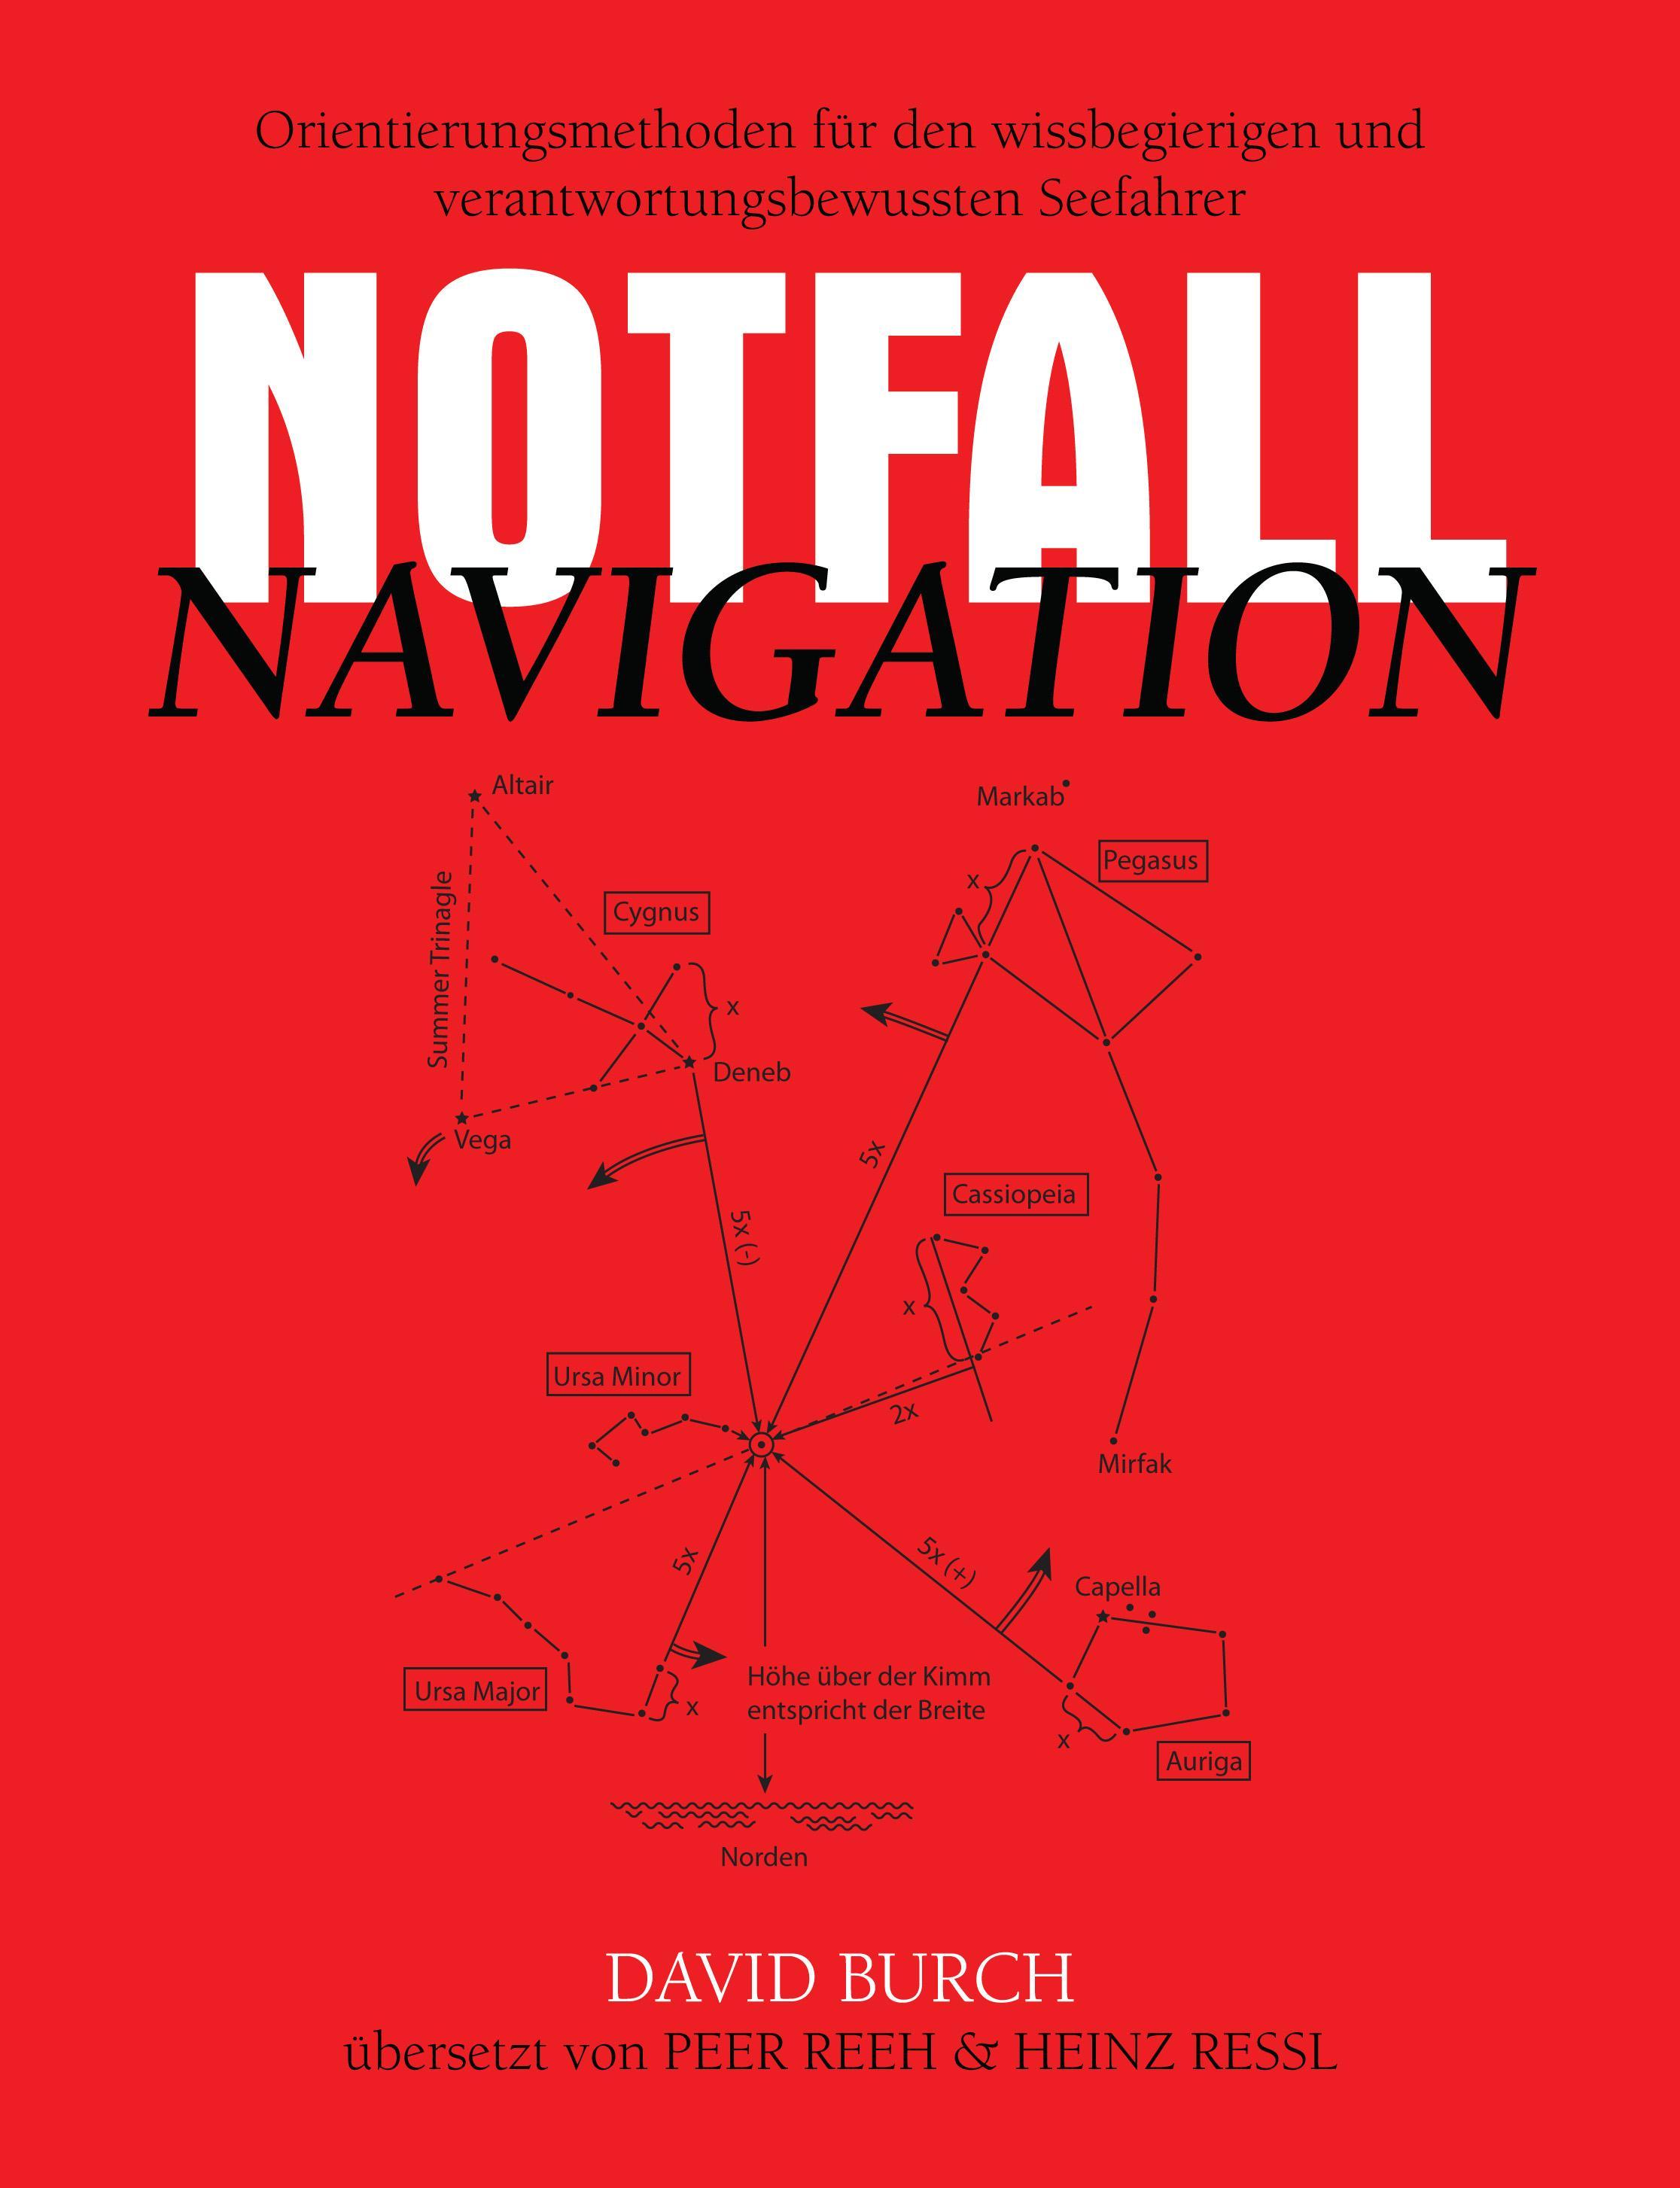 Notfall Navigation - Orientierungsmethoden f?r den wissbegierigen und verantwortungsbewussten Seefahrer